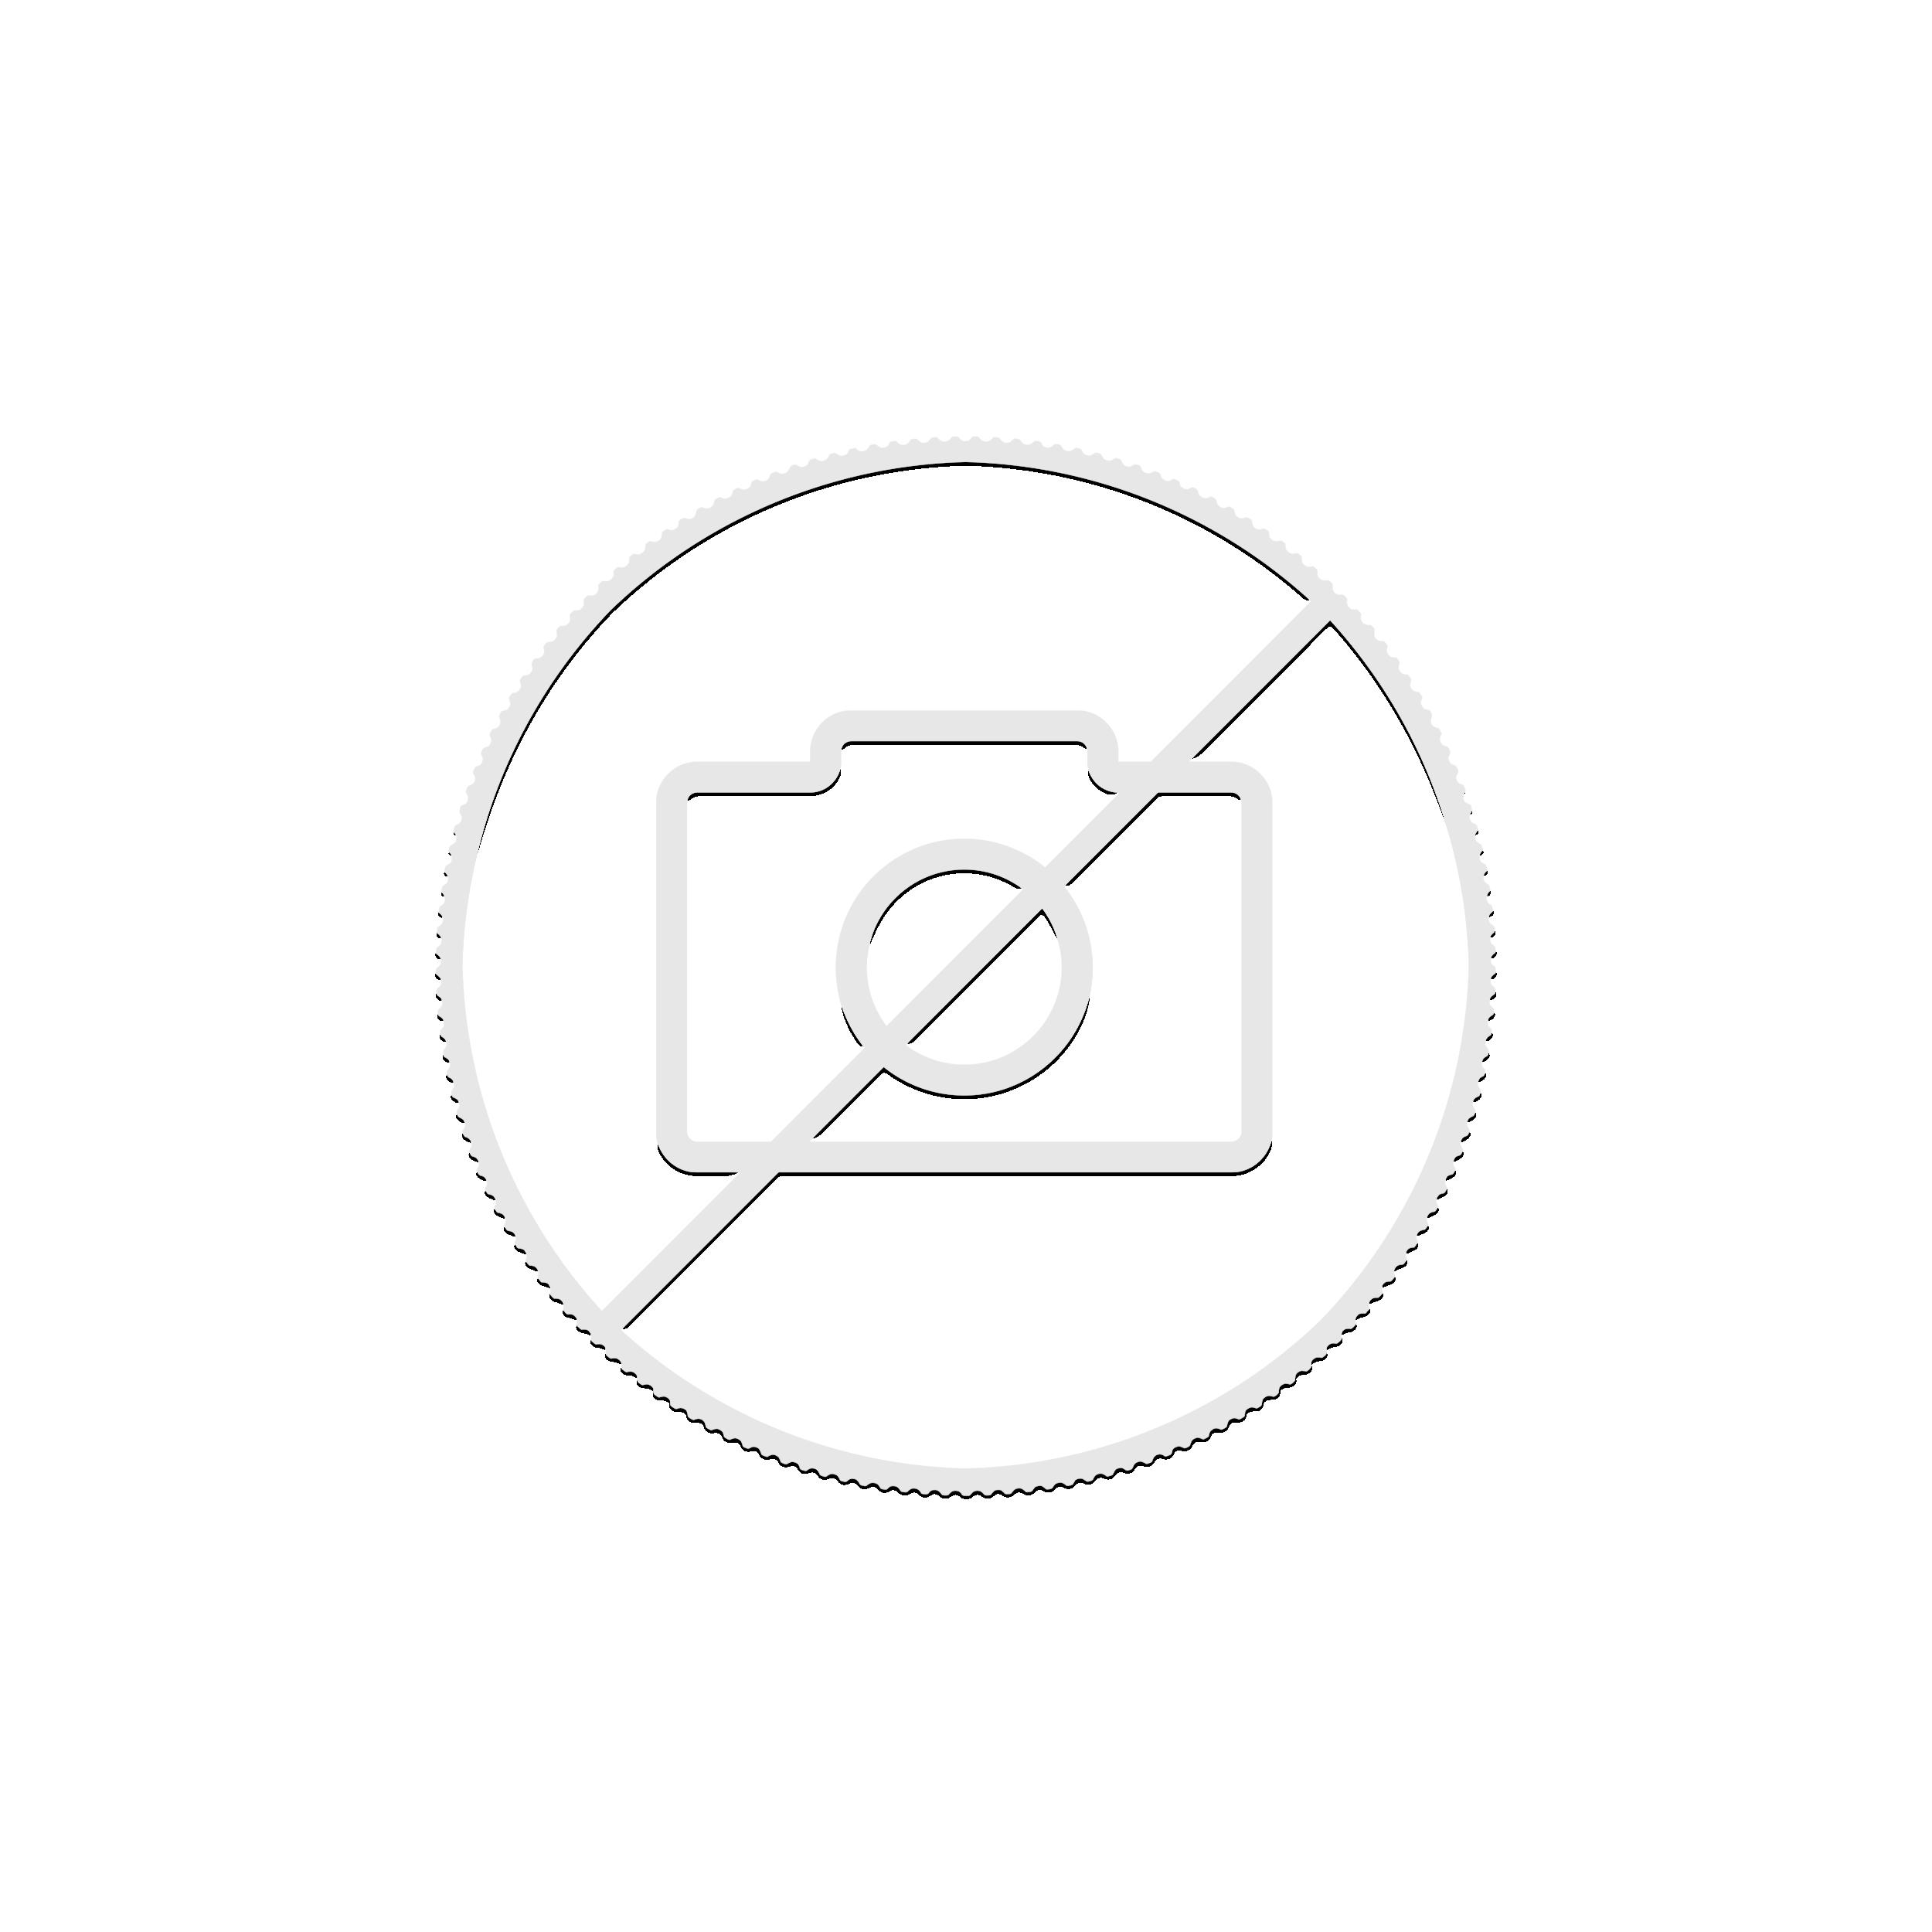 10 Troy ounce silver Lunar coin 2017